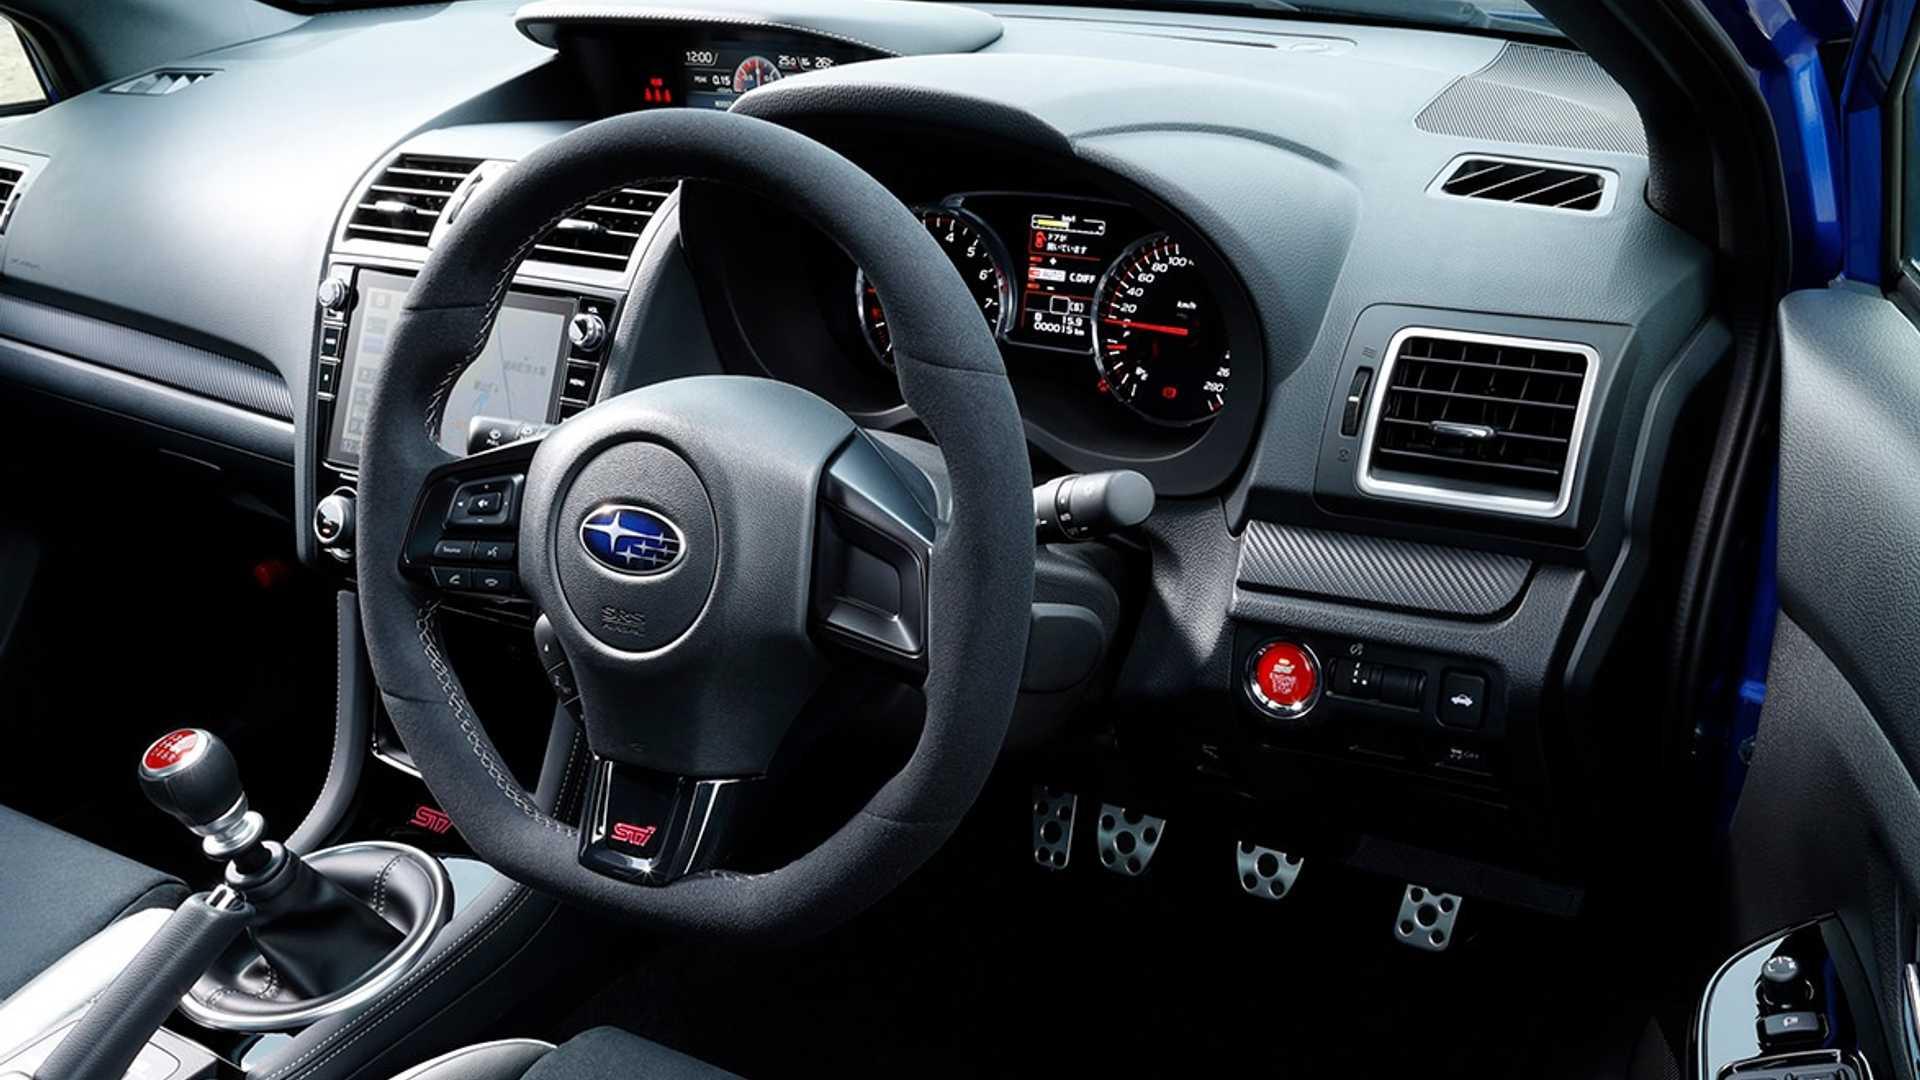 2020 Subaru Wrx Sti Says Sayonara To Ej20 Engine With Japan